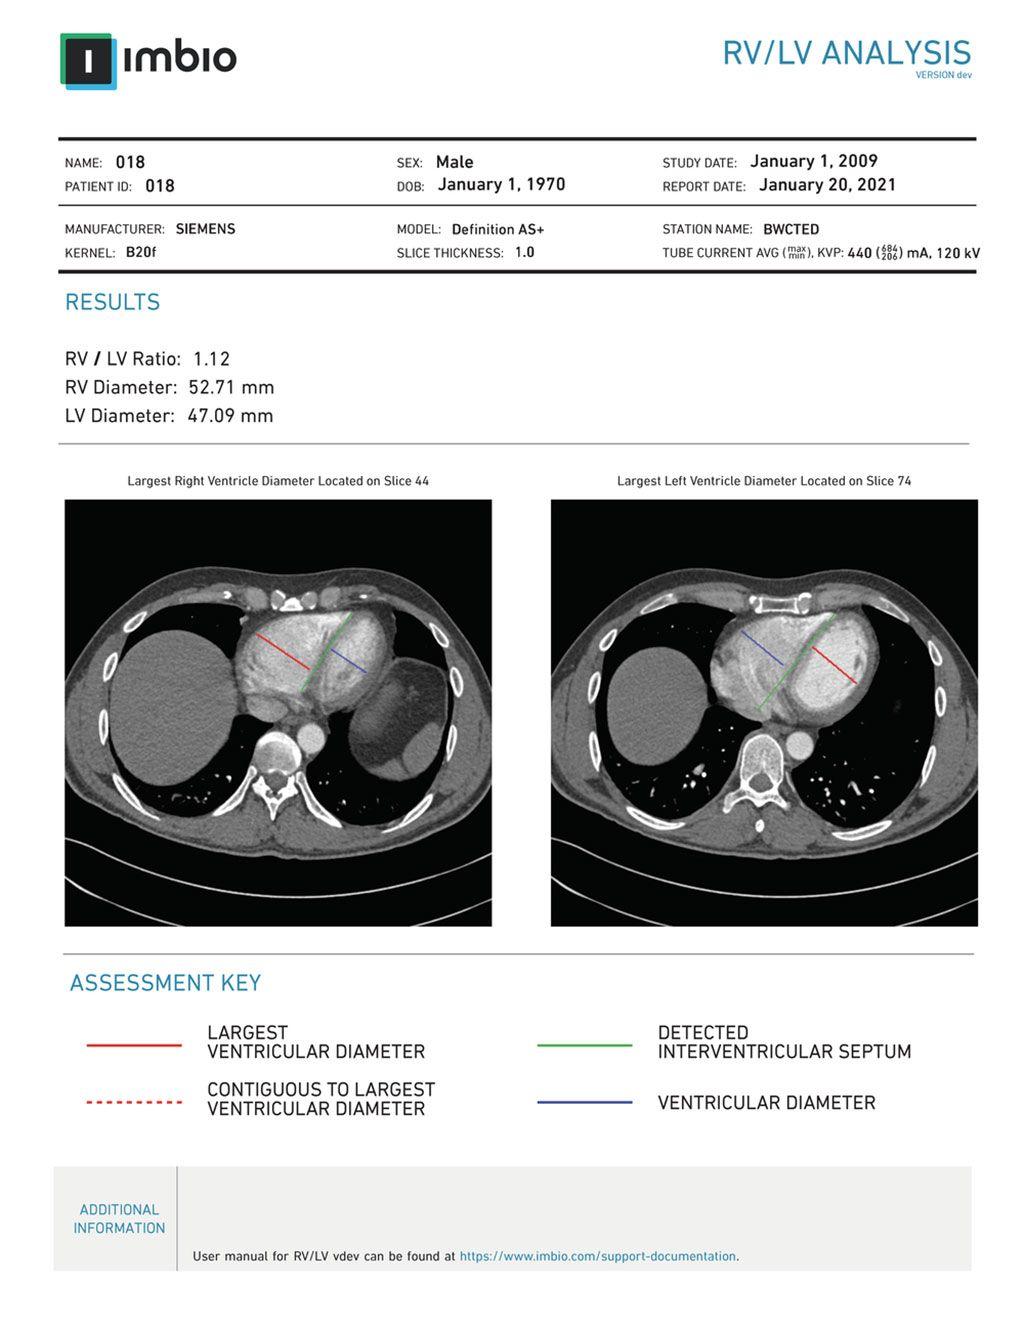 Imagen: Un ejemplo de un informe de análisis de VD/VI (Fotografía cortesía de Imbio)